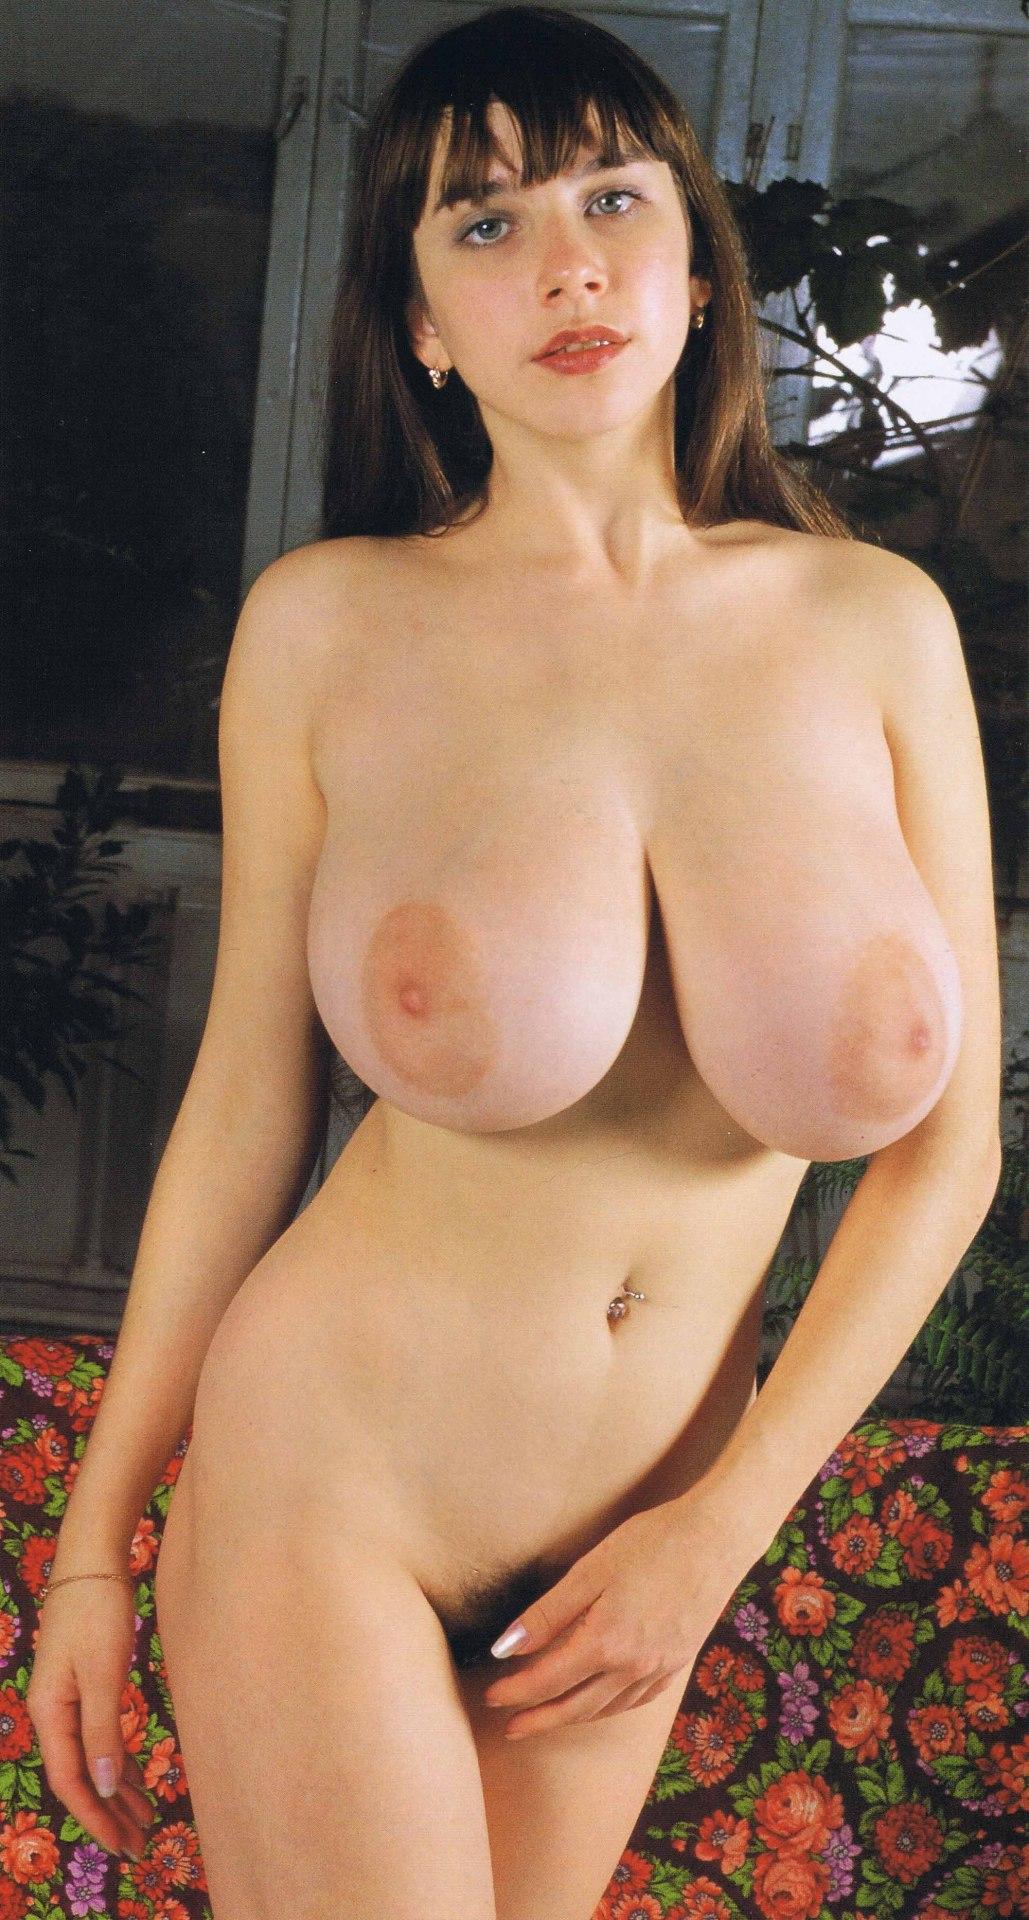 Yulia nova nude